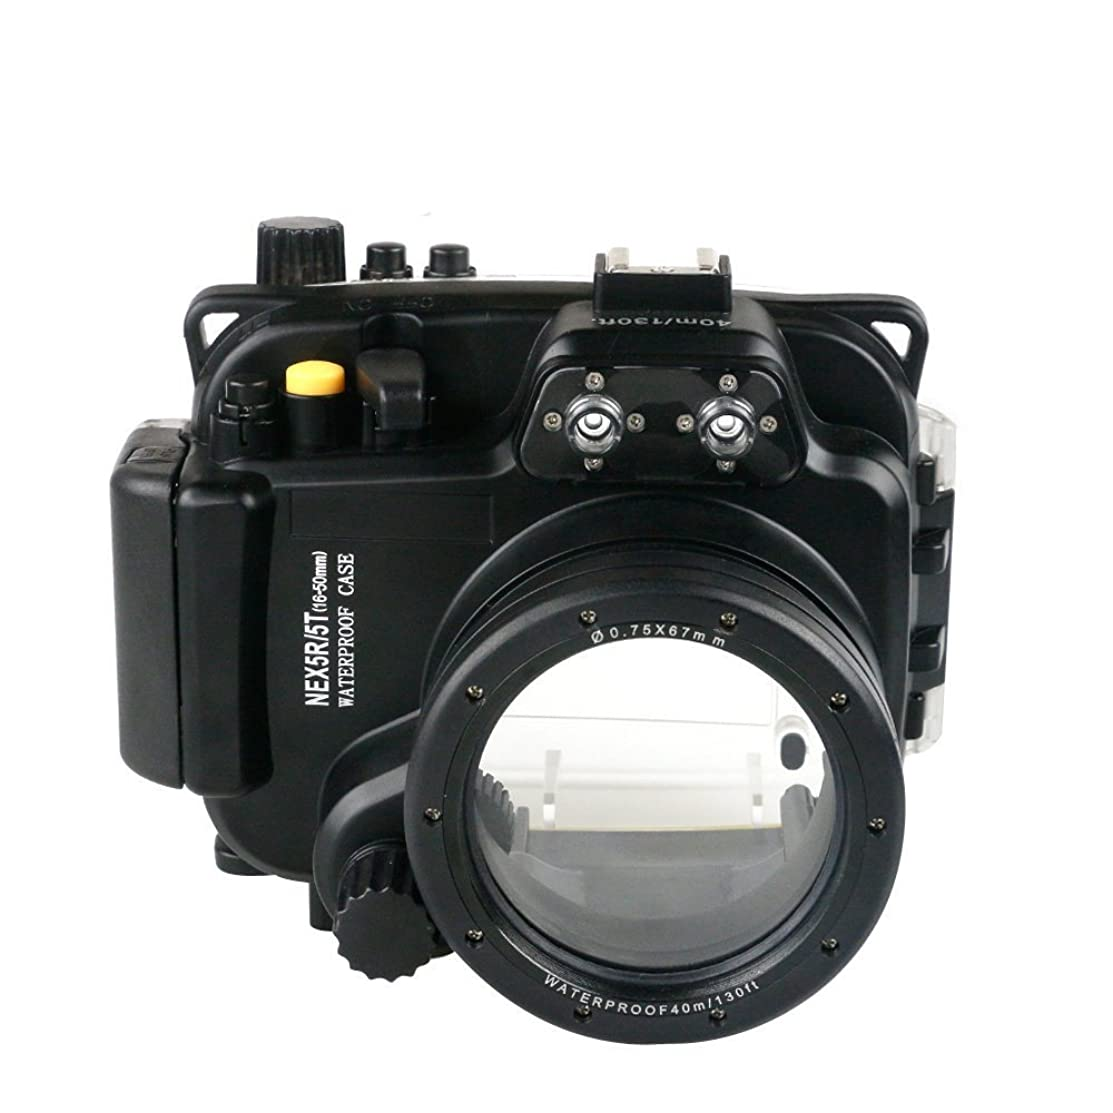 取り付けディレイ扱うSea Frogs Sony Nex 5R/5T 用 水中カメラケース アンダーウォーターハウジング 防水性能40m 防水プロテクター 防水ケース 防水ハウジング 保護ケース 防水プロテクター 水中撮影用 国際防水等級IPX8フィルター付き ブラック